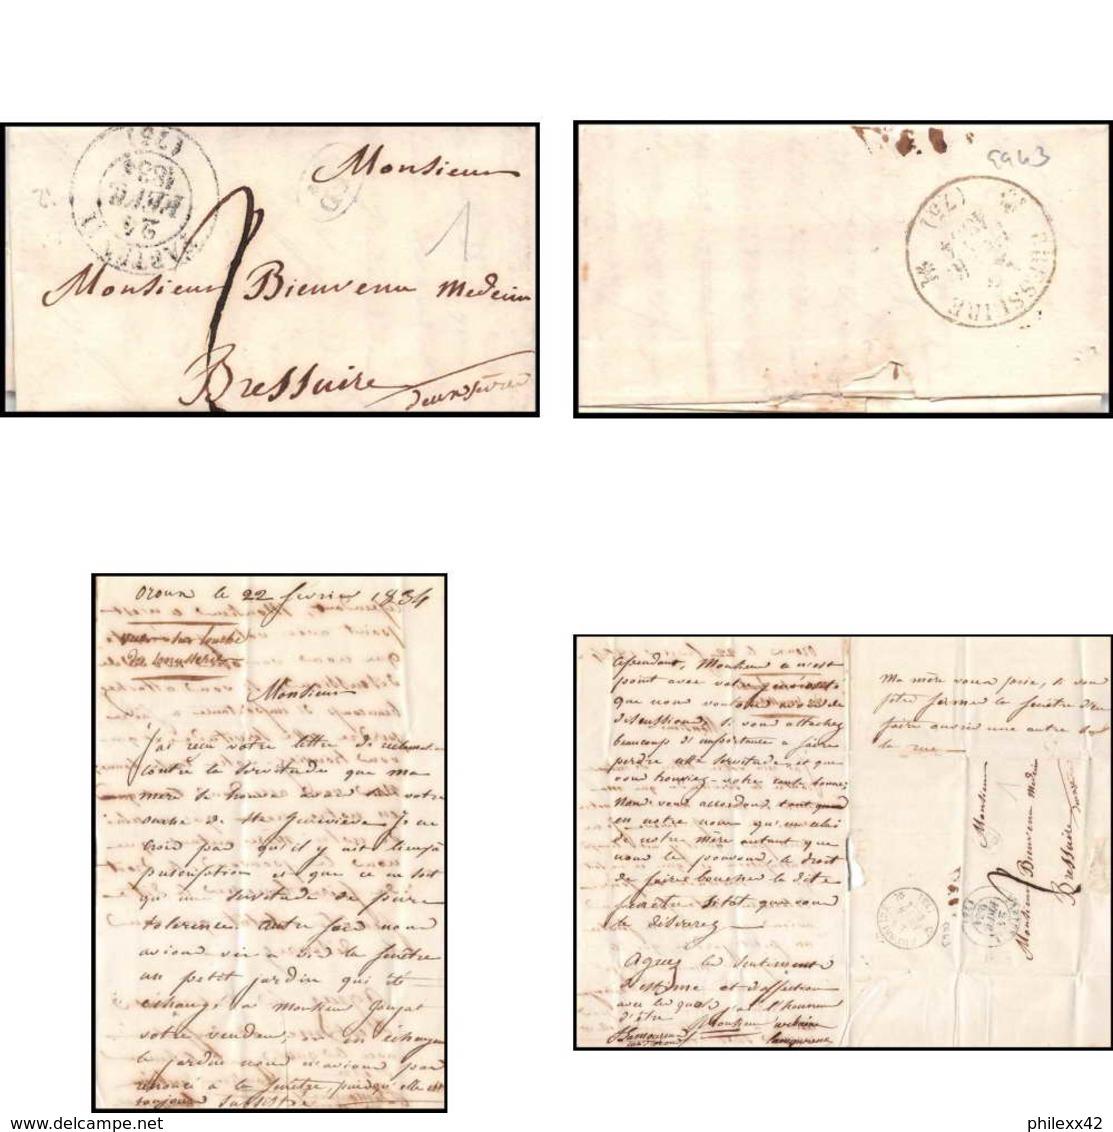 9943 Lac Oroun 1834 Pour Bressuire Deux-Sèvres Marque Postale France Lettre Cover - Storia Postale